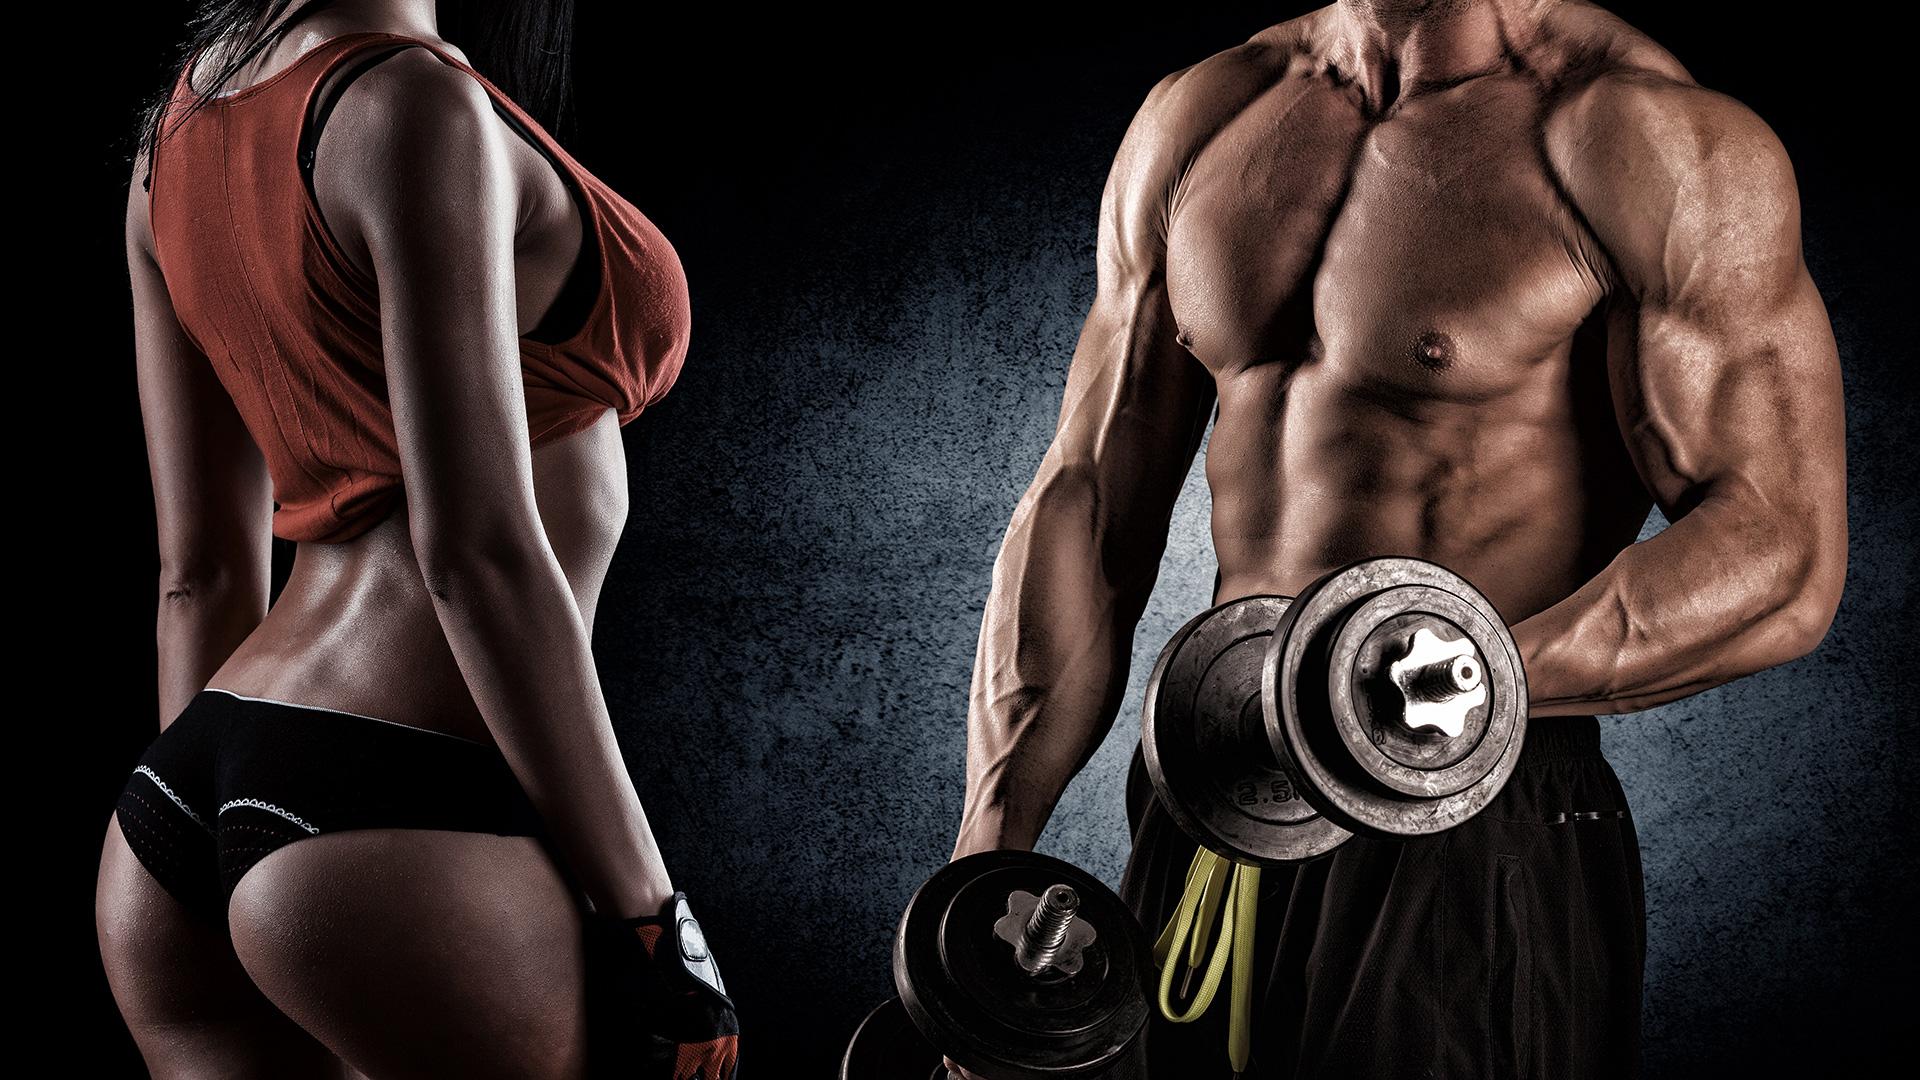 Как похудеть и накачаться одновременно девушке